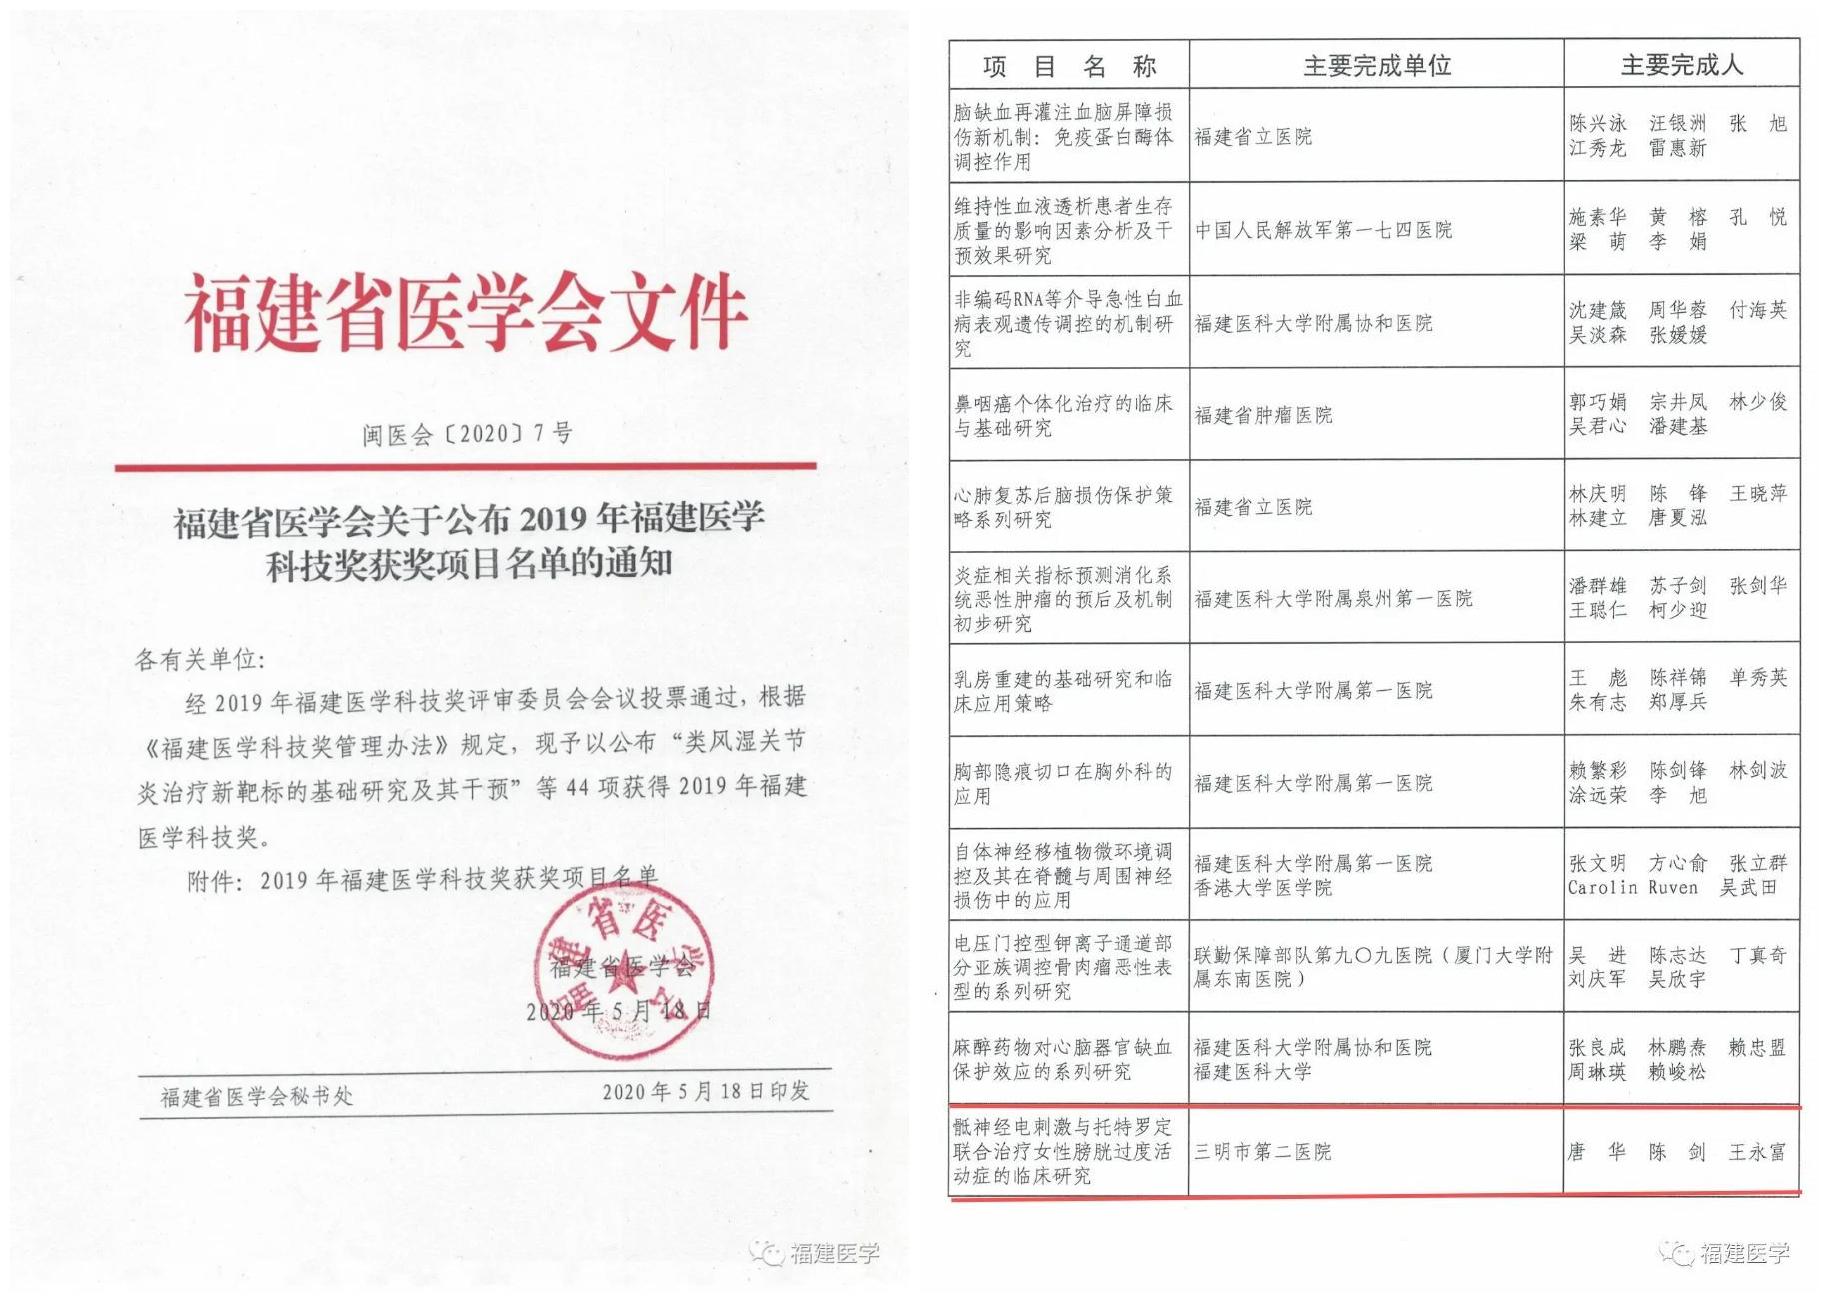 喜报•荣誉|我院唐华团队研究项目获得2019年福建医学科技奖三等奖